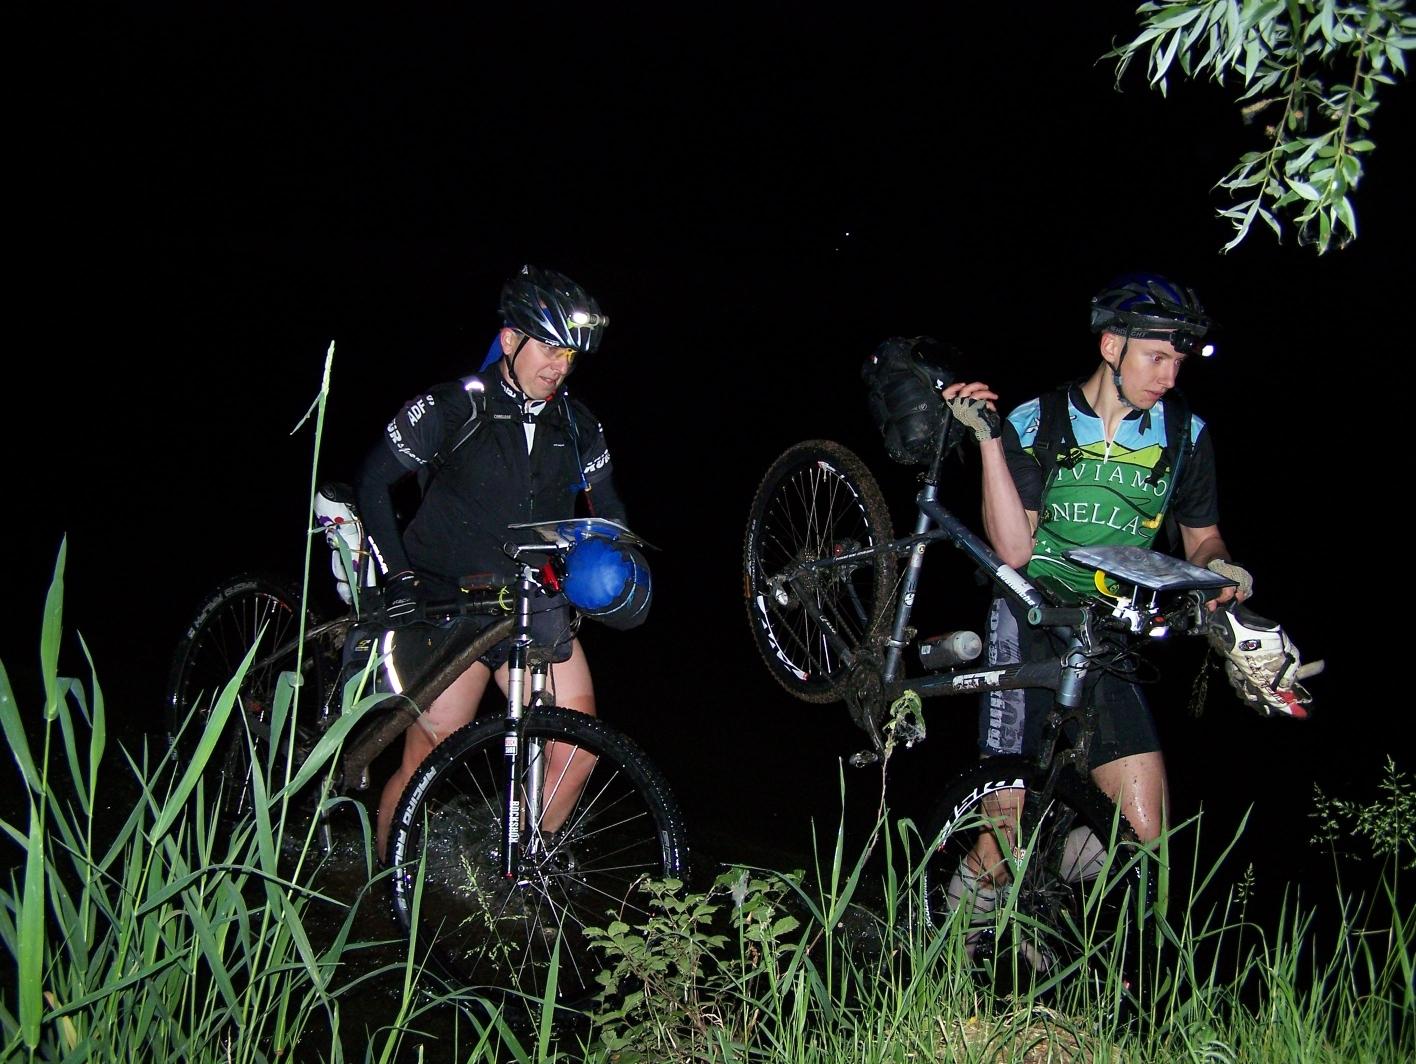 Loudání českou krajinou vyžaduje rovněž závodní nasazení i po setmění. Foto: Pavel Popelka